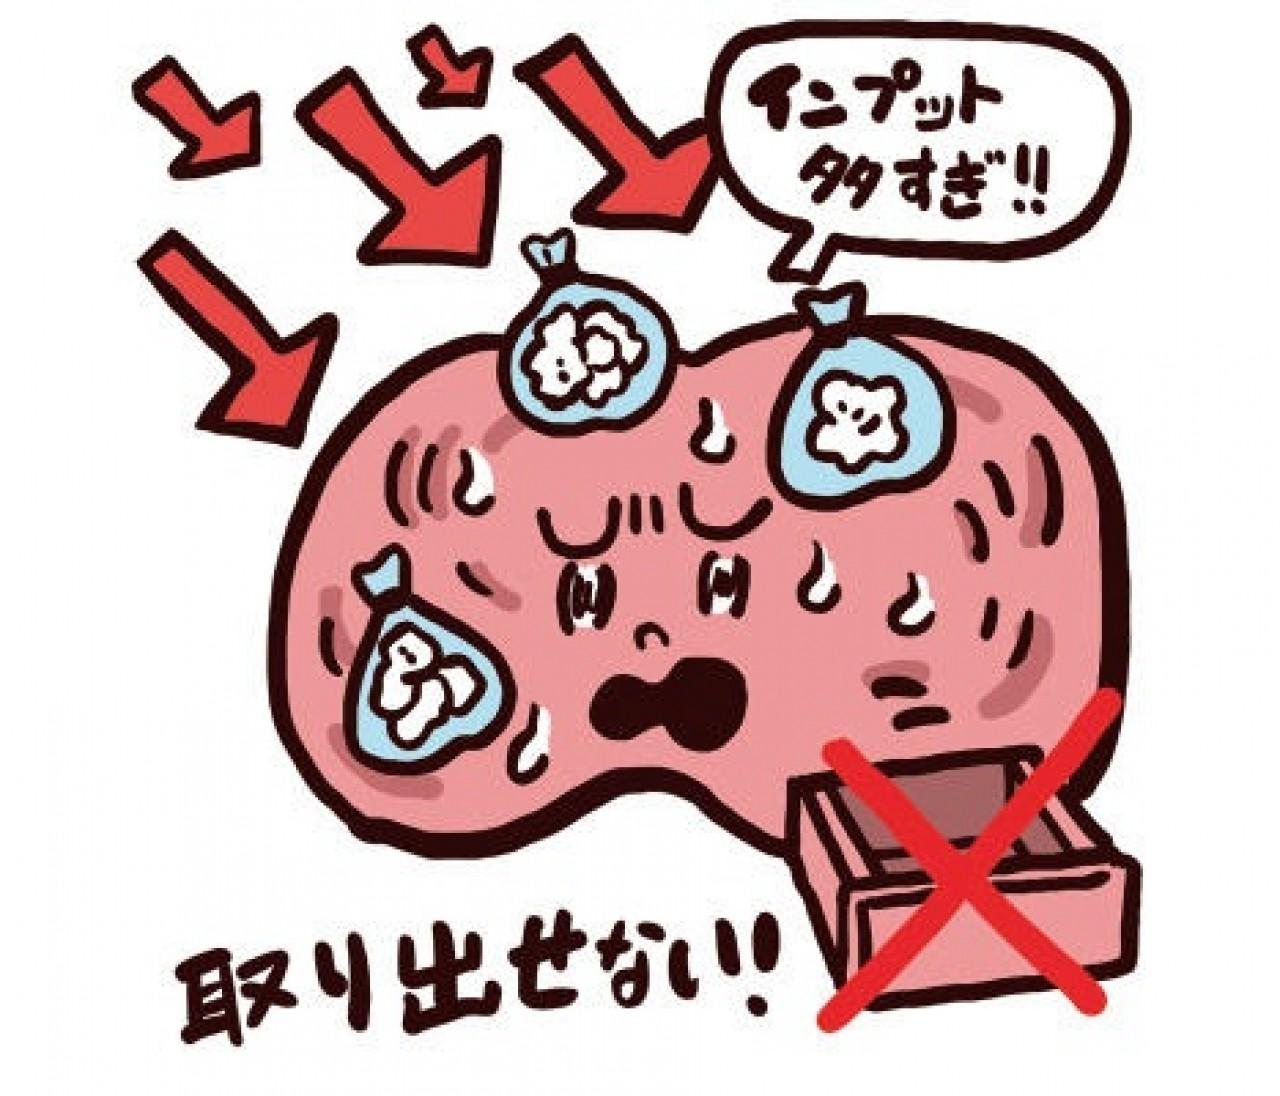 【スマホで脳、疲れてませんか?まとめ】30代にも増加! もの忘れ、倦怠感、うつ…原因は「スマホ脳」かも!?